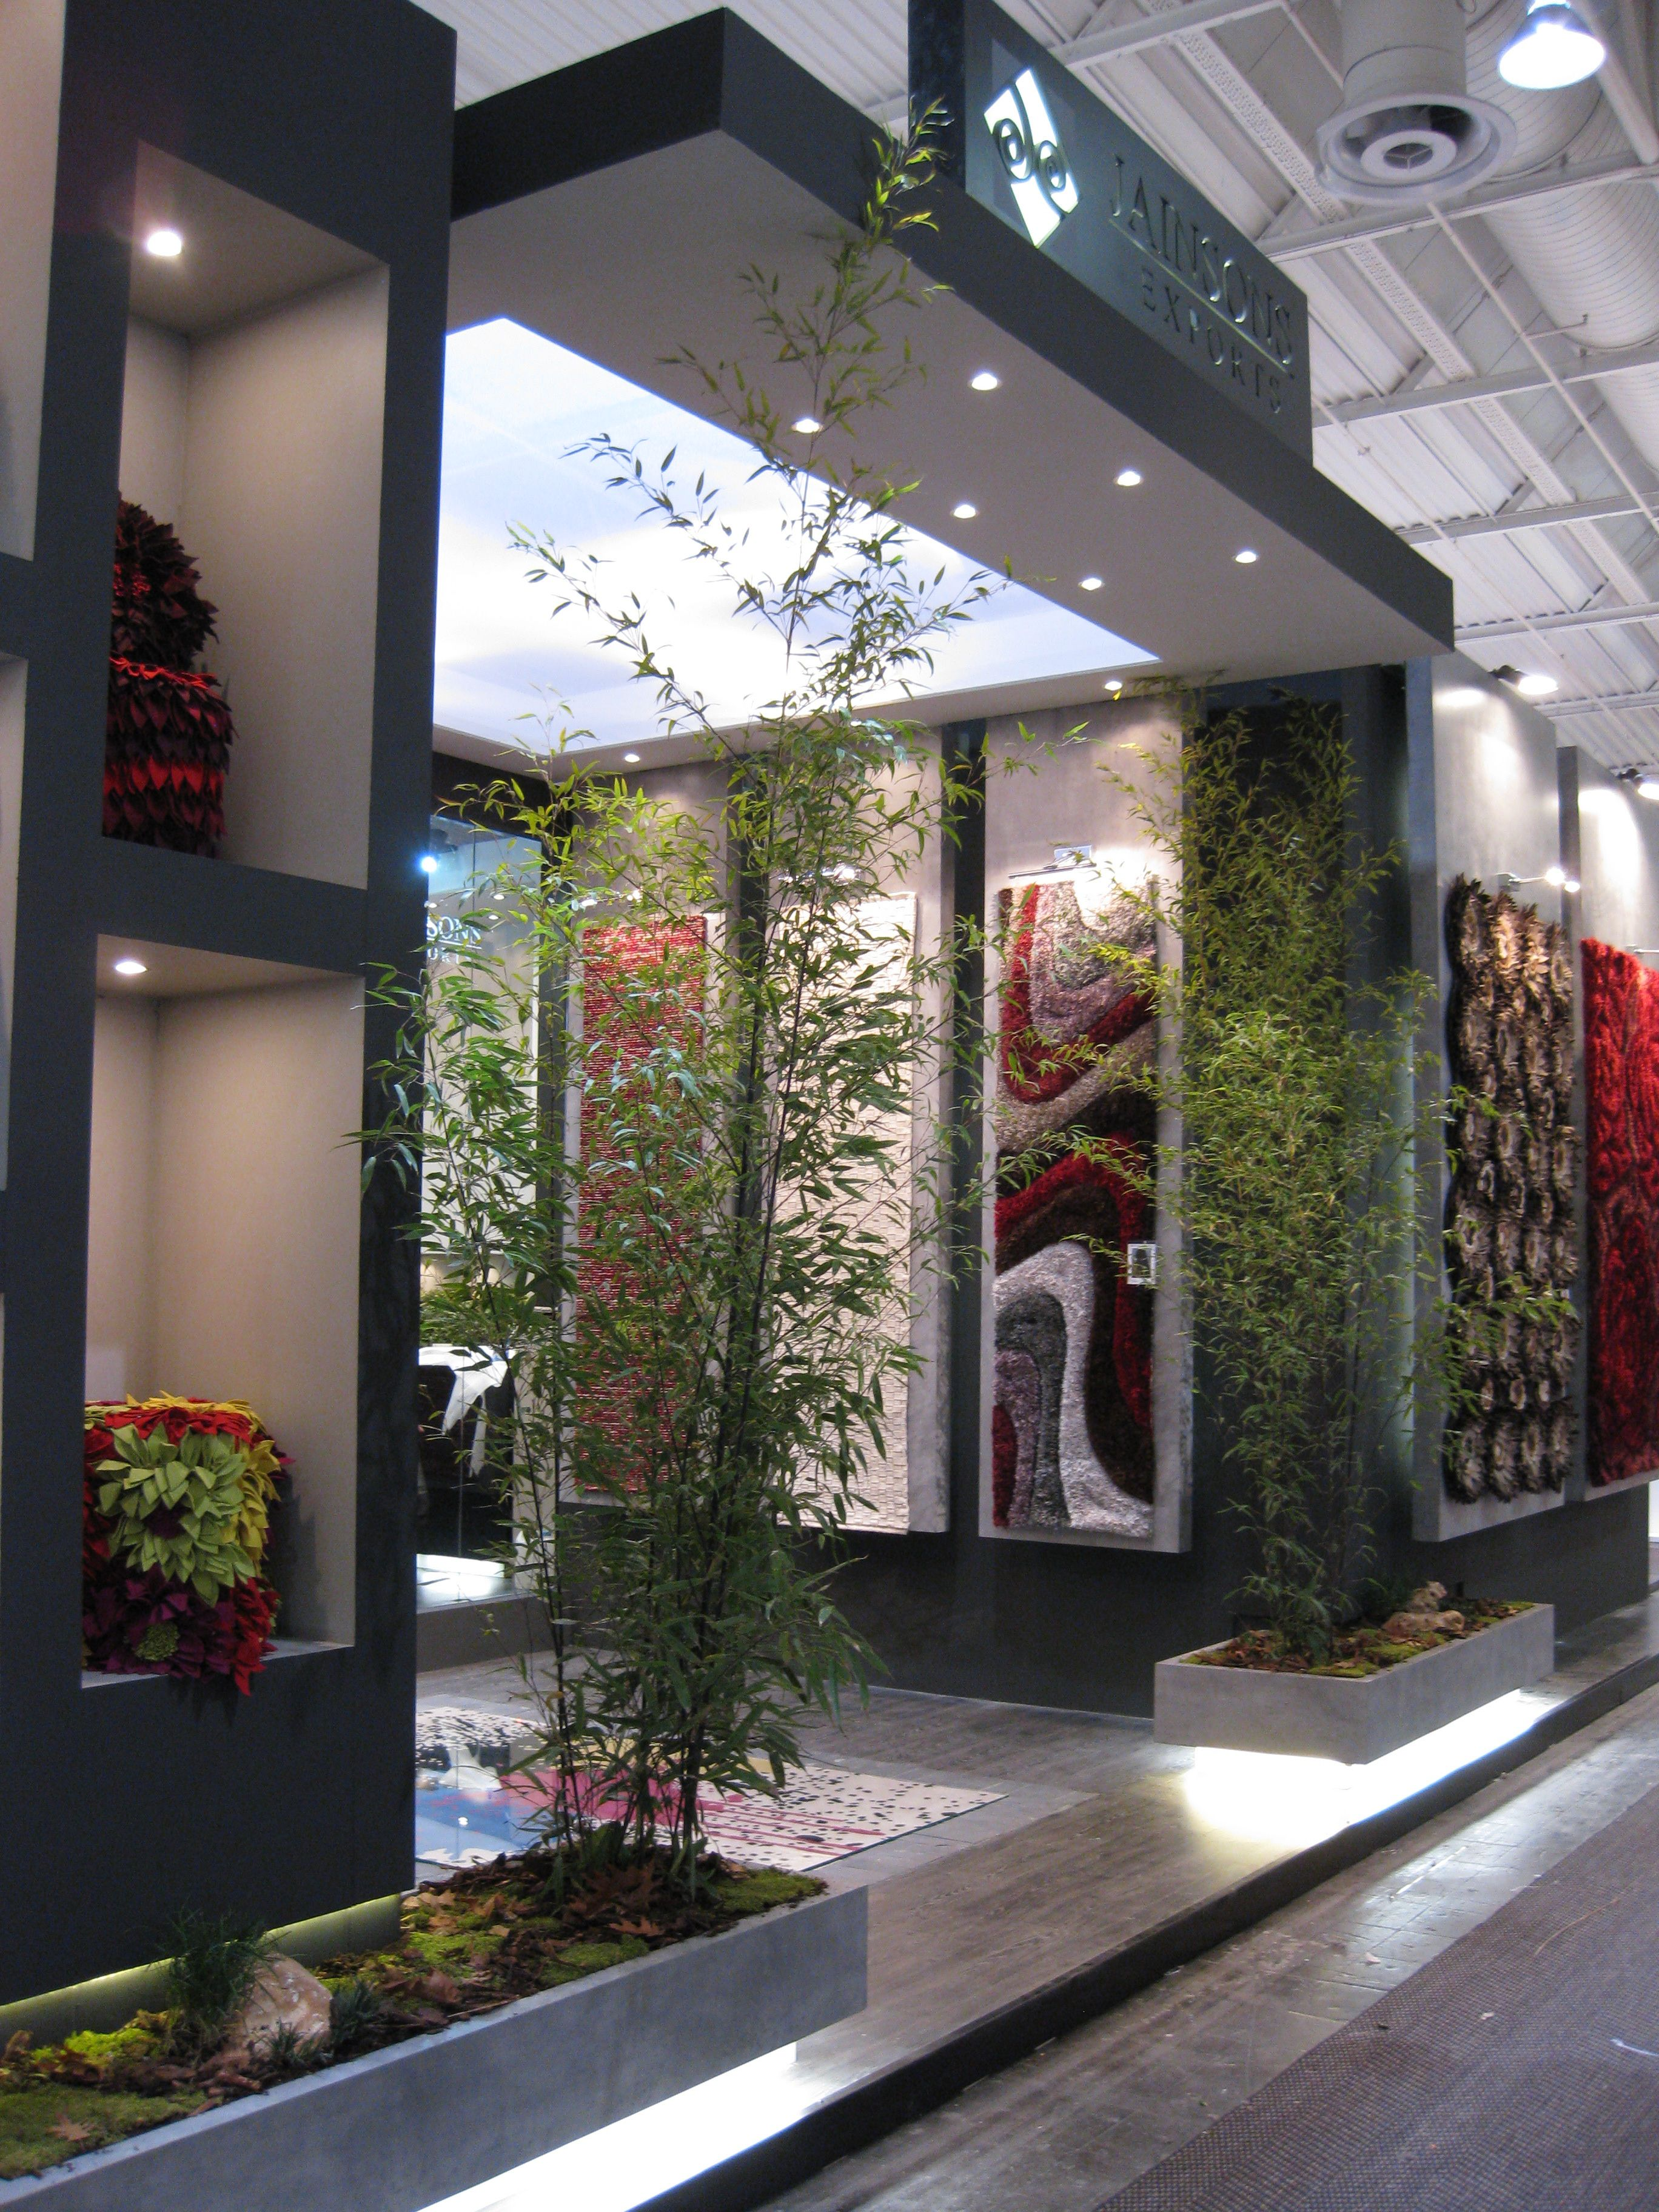 Architettura And Design barbara pizzi architettura e design: customer reviews